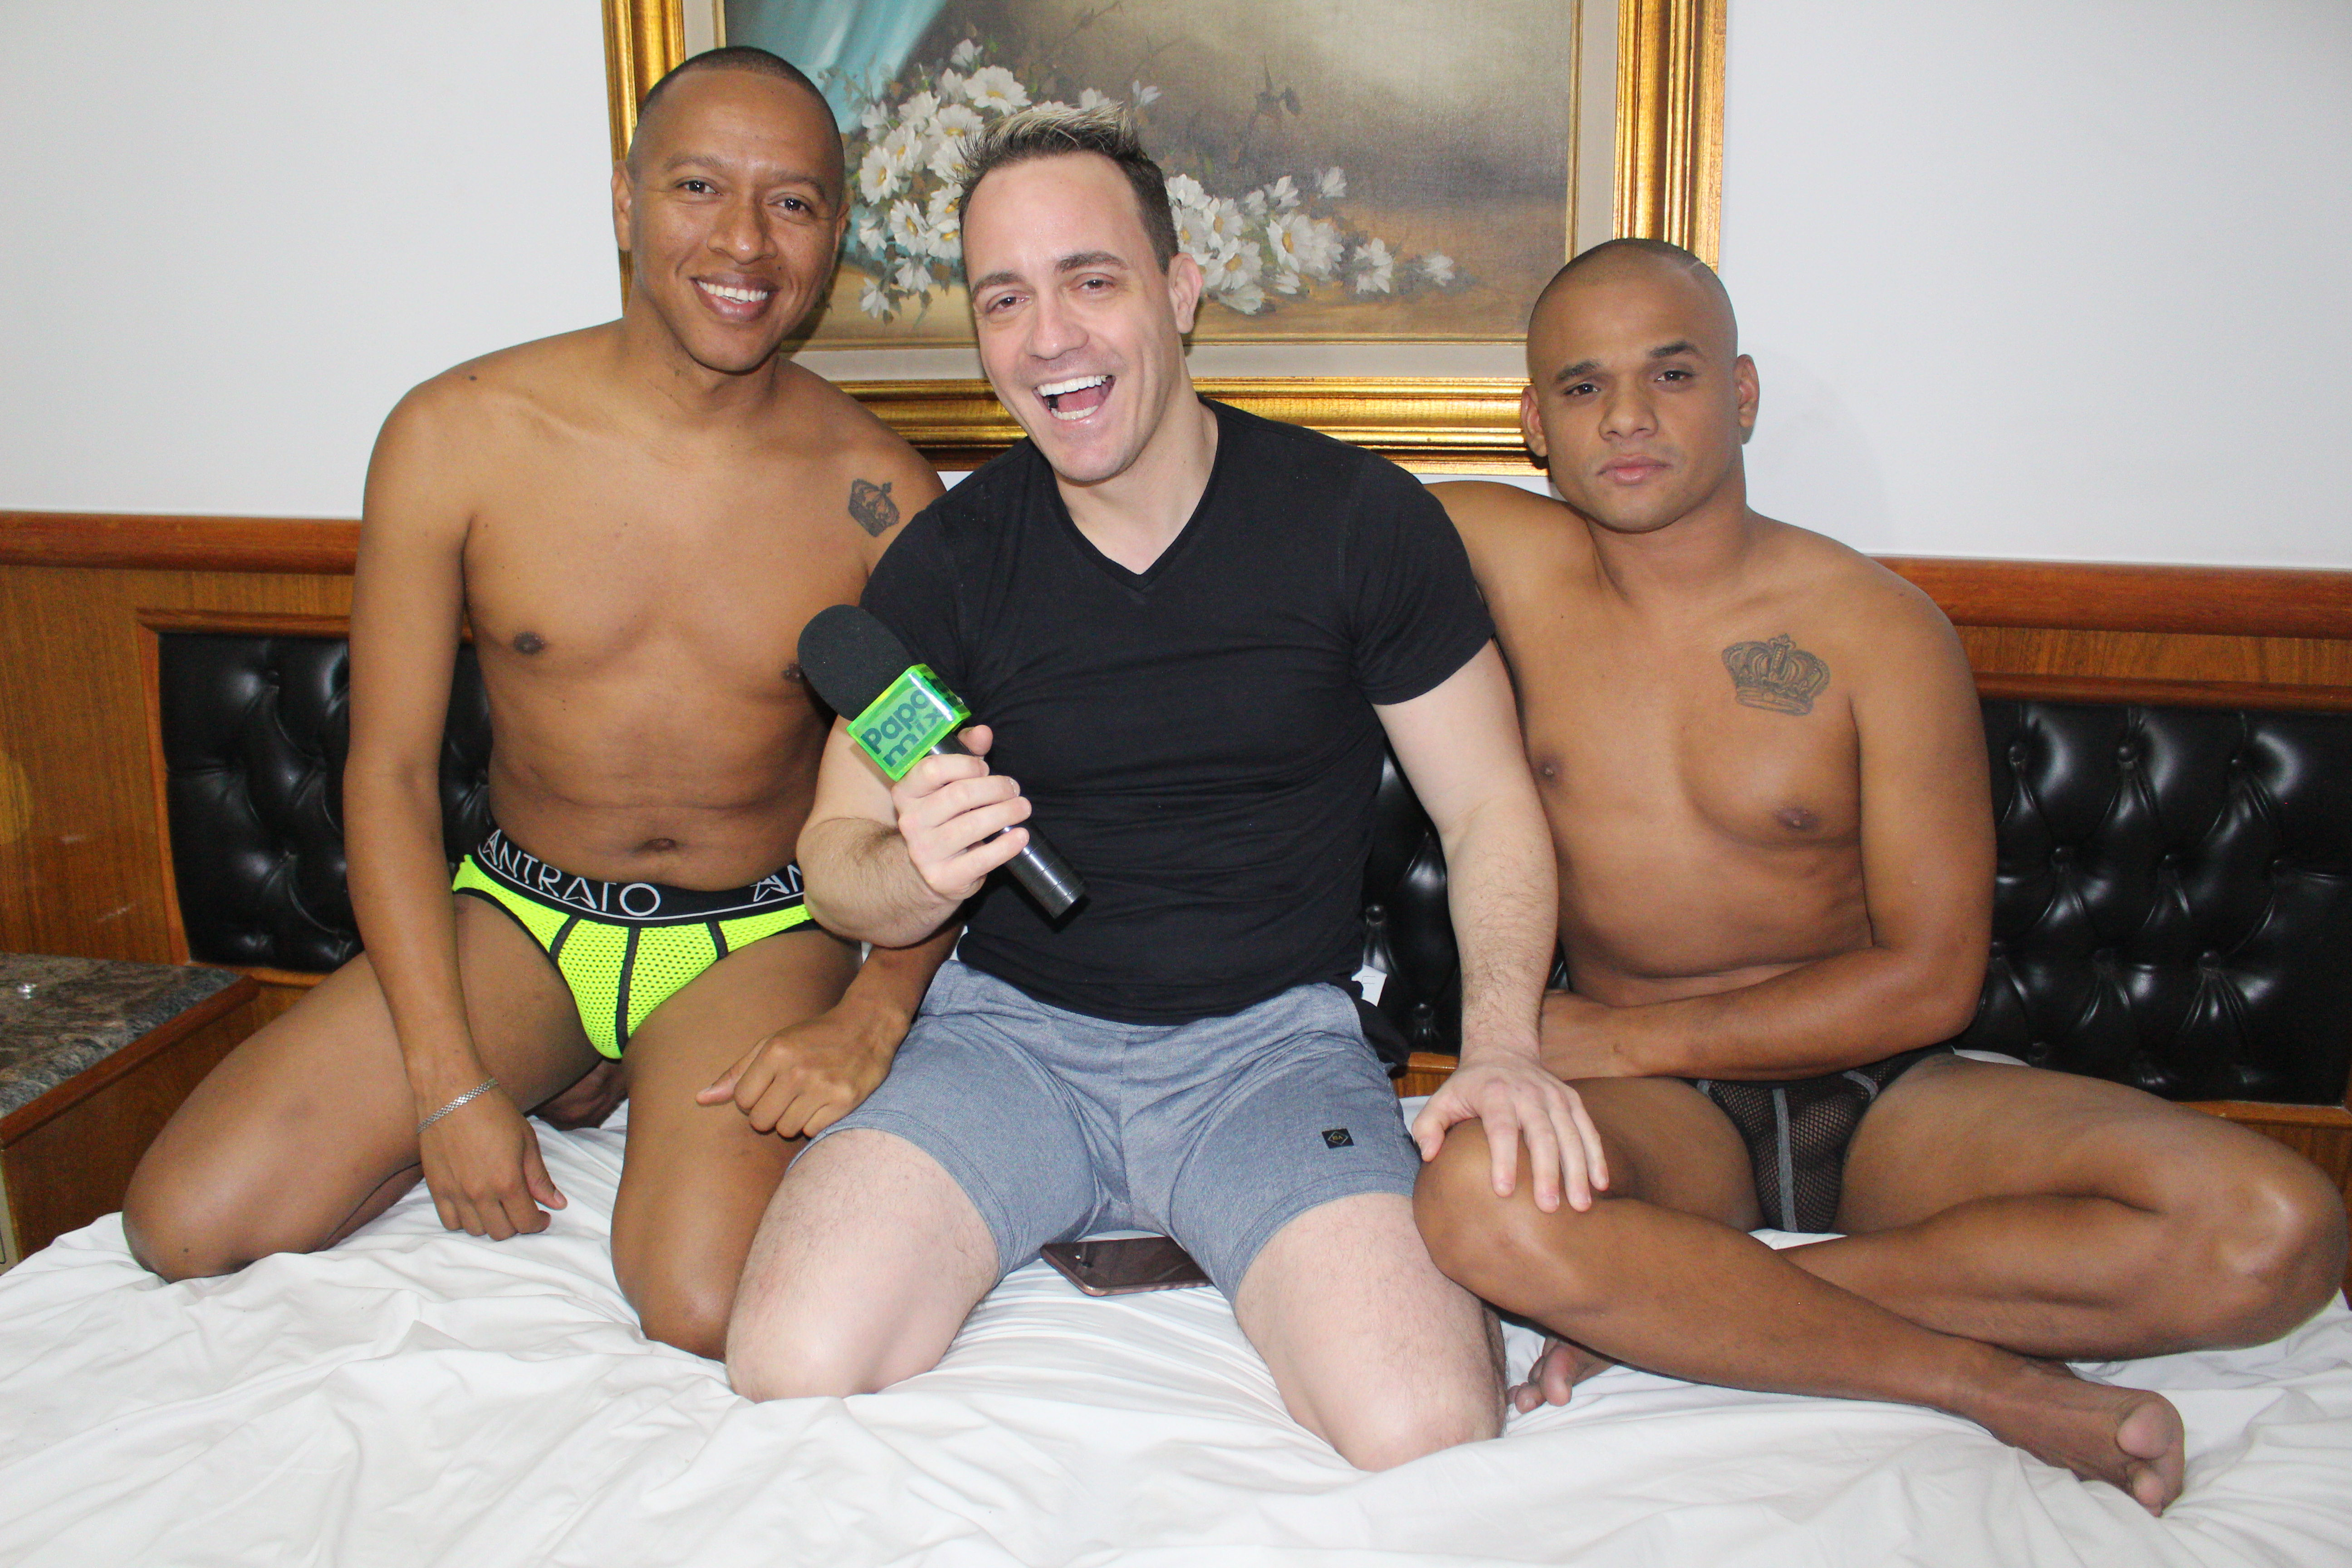 Photo of PapoMix confere estréia de Hugo Exxtreme e Victor Moreno em show de sexo ao vivo